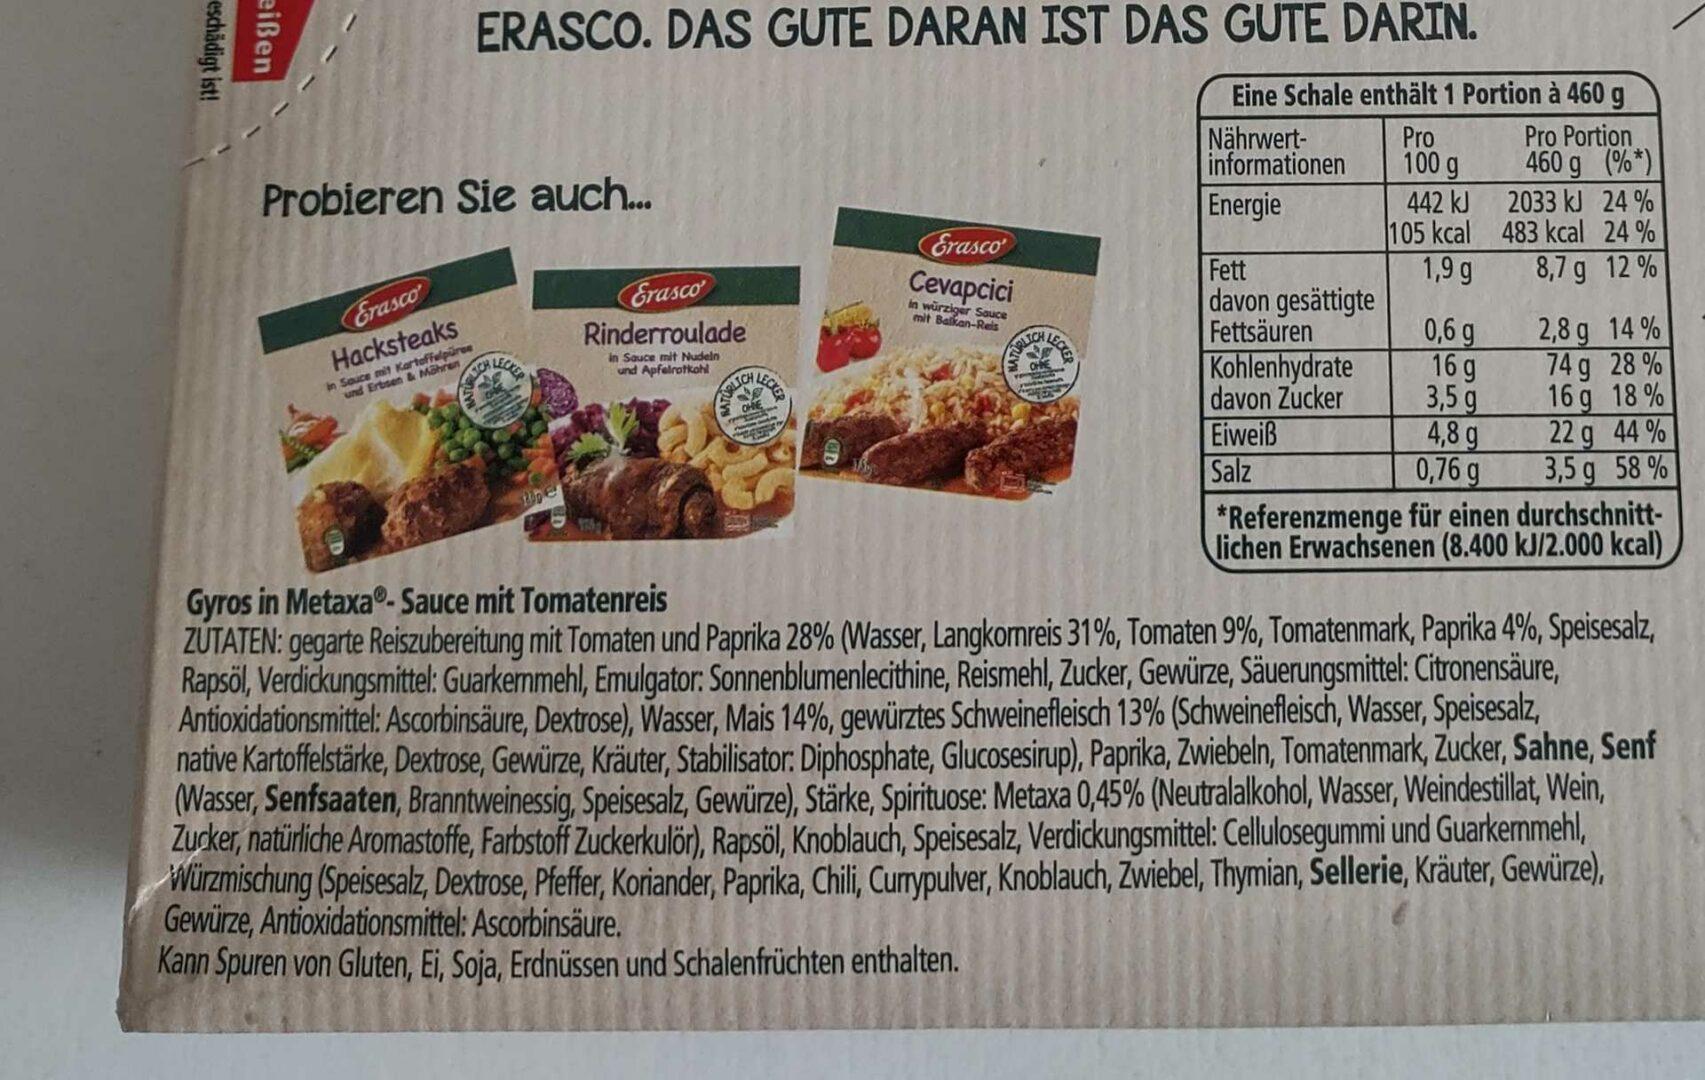 Erasco Gyros Mit Metaxa®-Sauce Zutatenliste